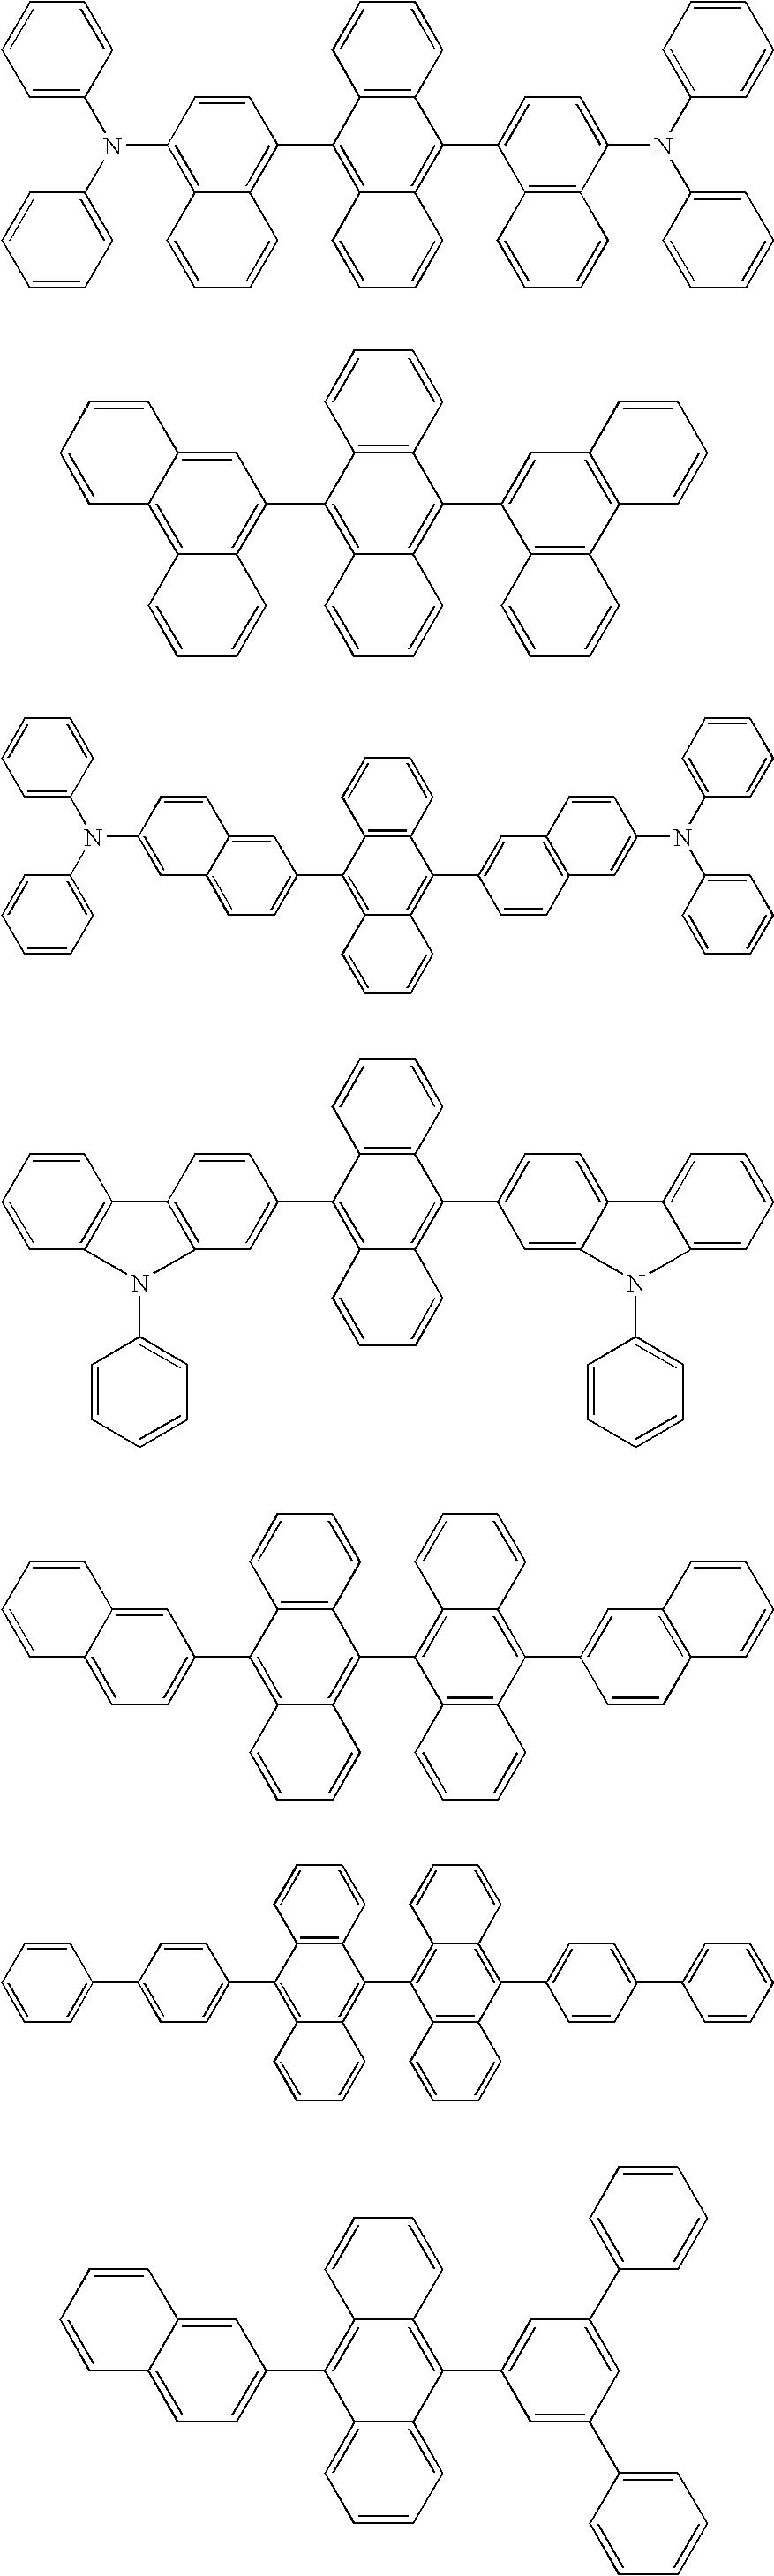 Figure US20090162612A1-20090625-C00044